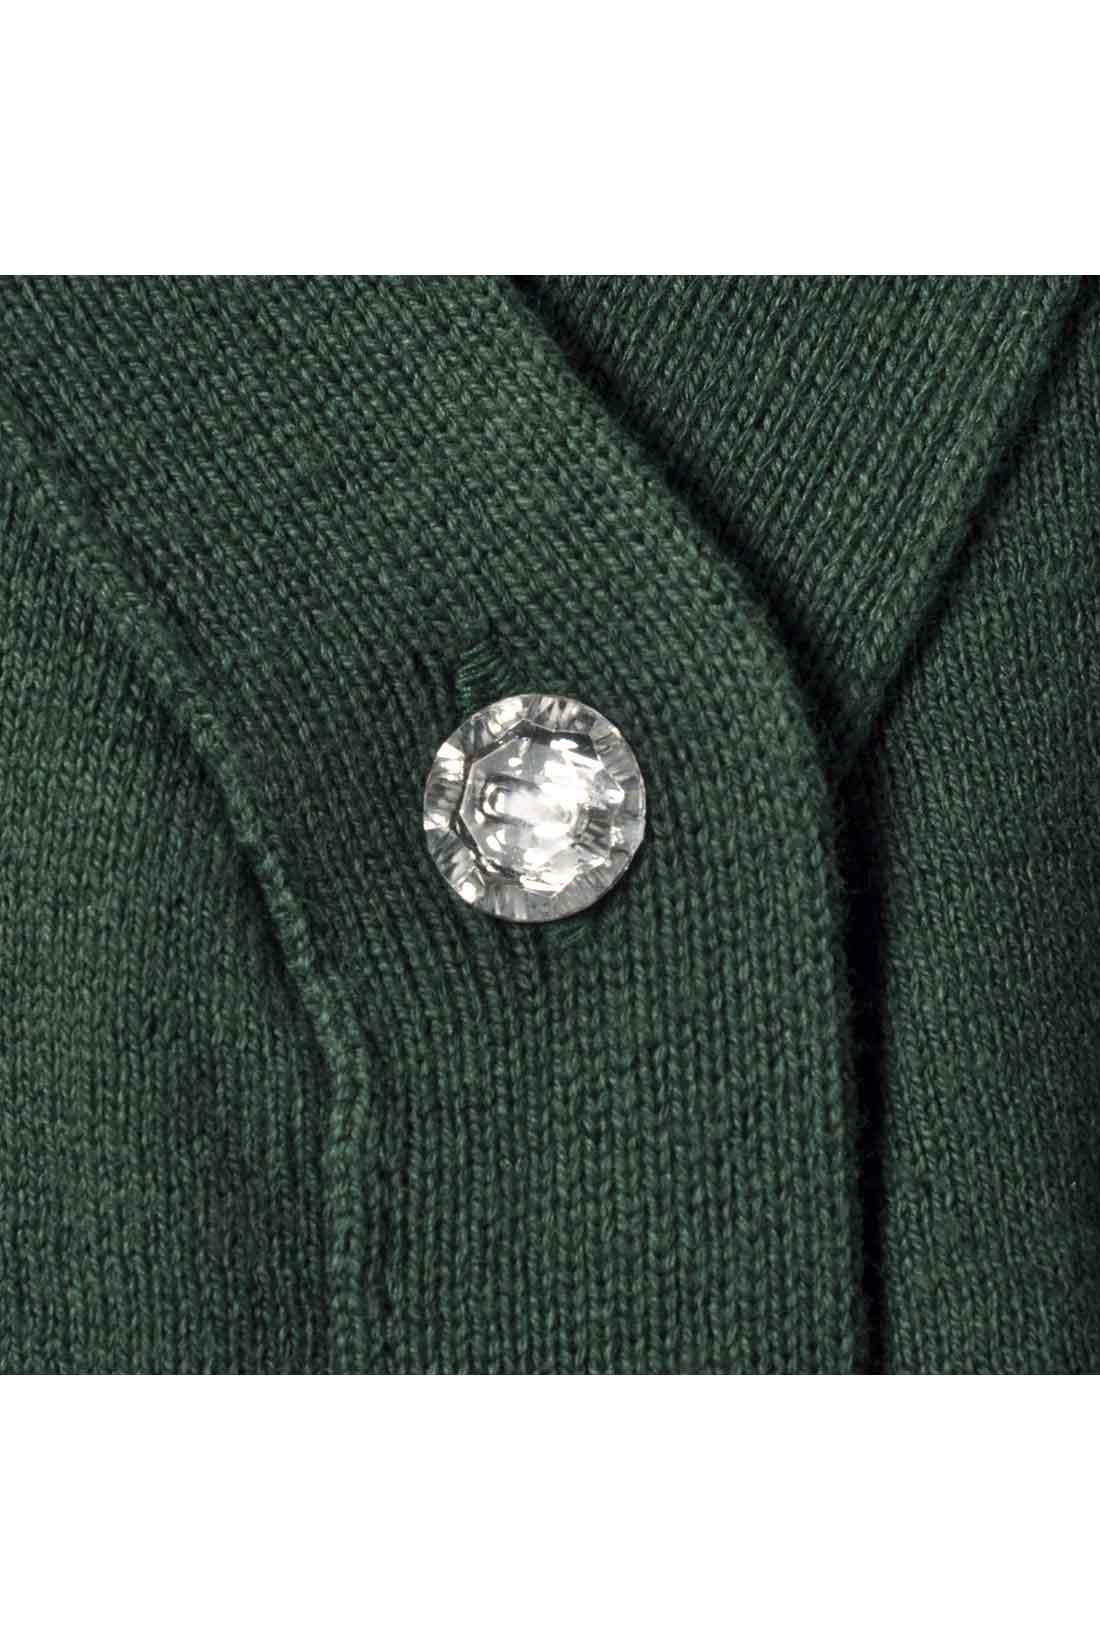 ポケット口の配色ラインがさりげなくかわいいポイント。